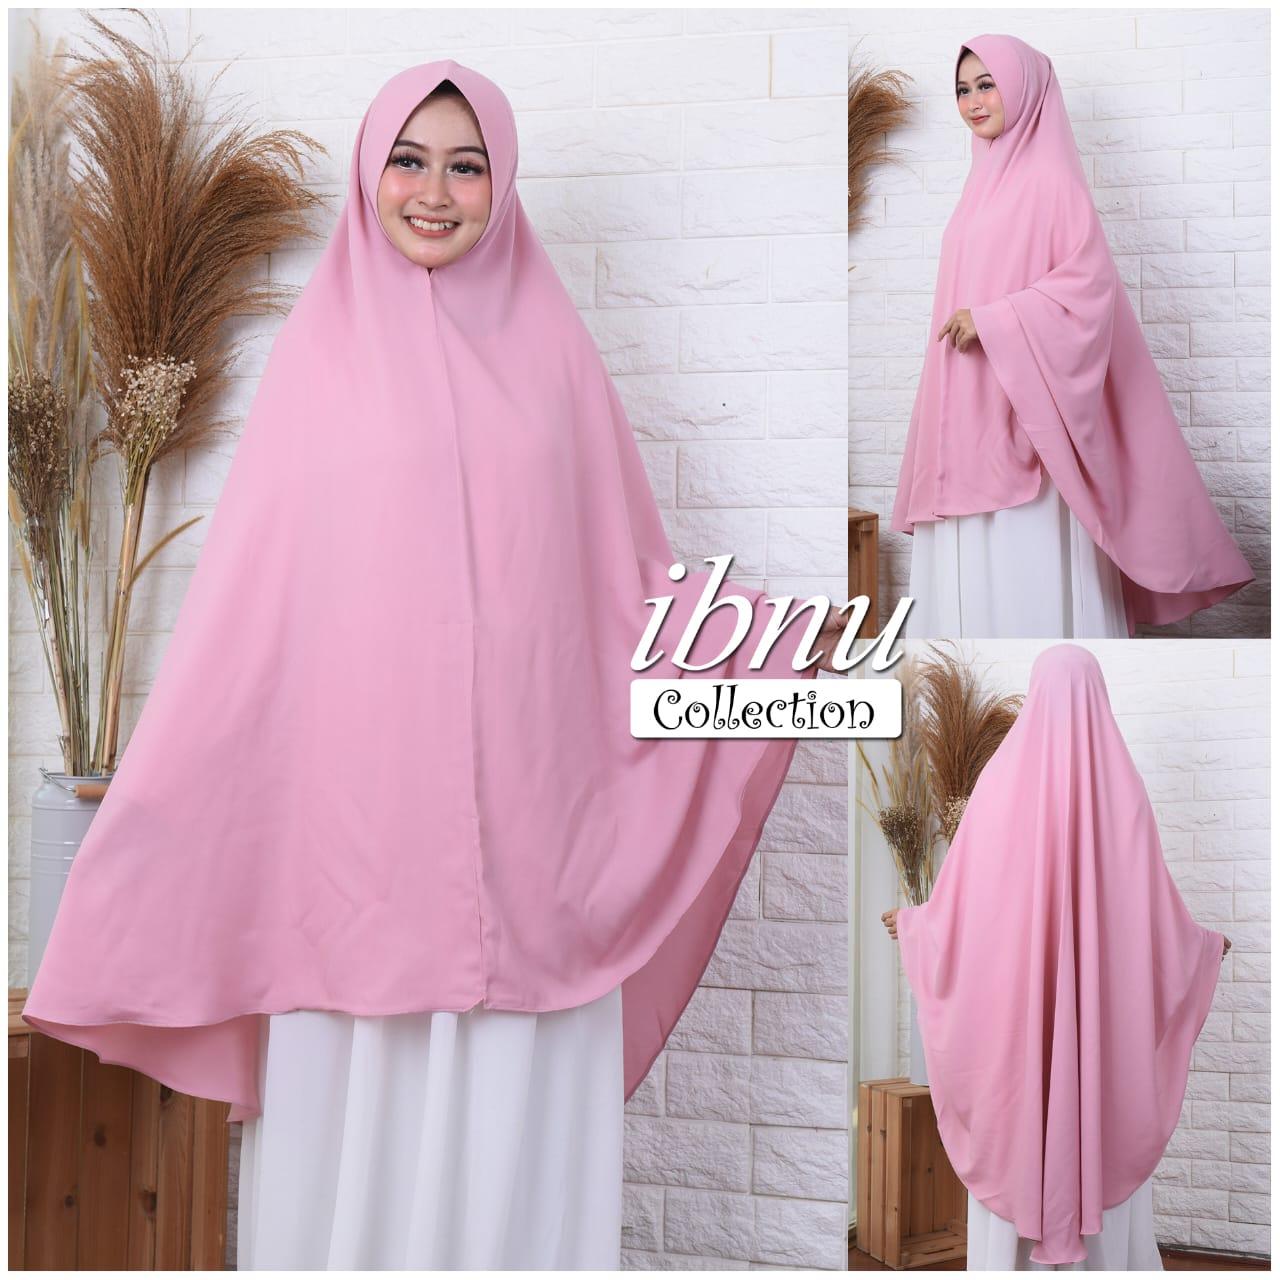 ibnu collection/jilbab syari 10 layer jumbo/khimar syar i jumbo/hijab  syari/kerudung instan jumbo terlaris dan termurah